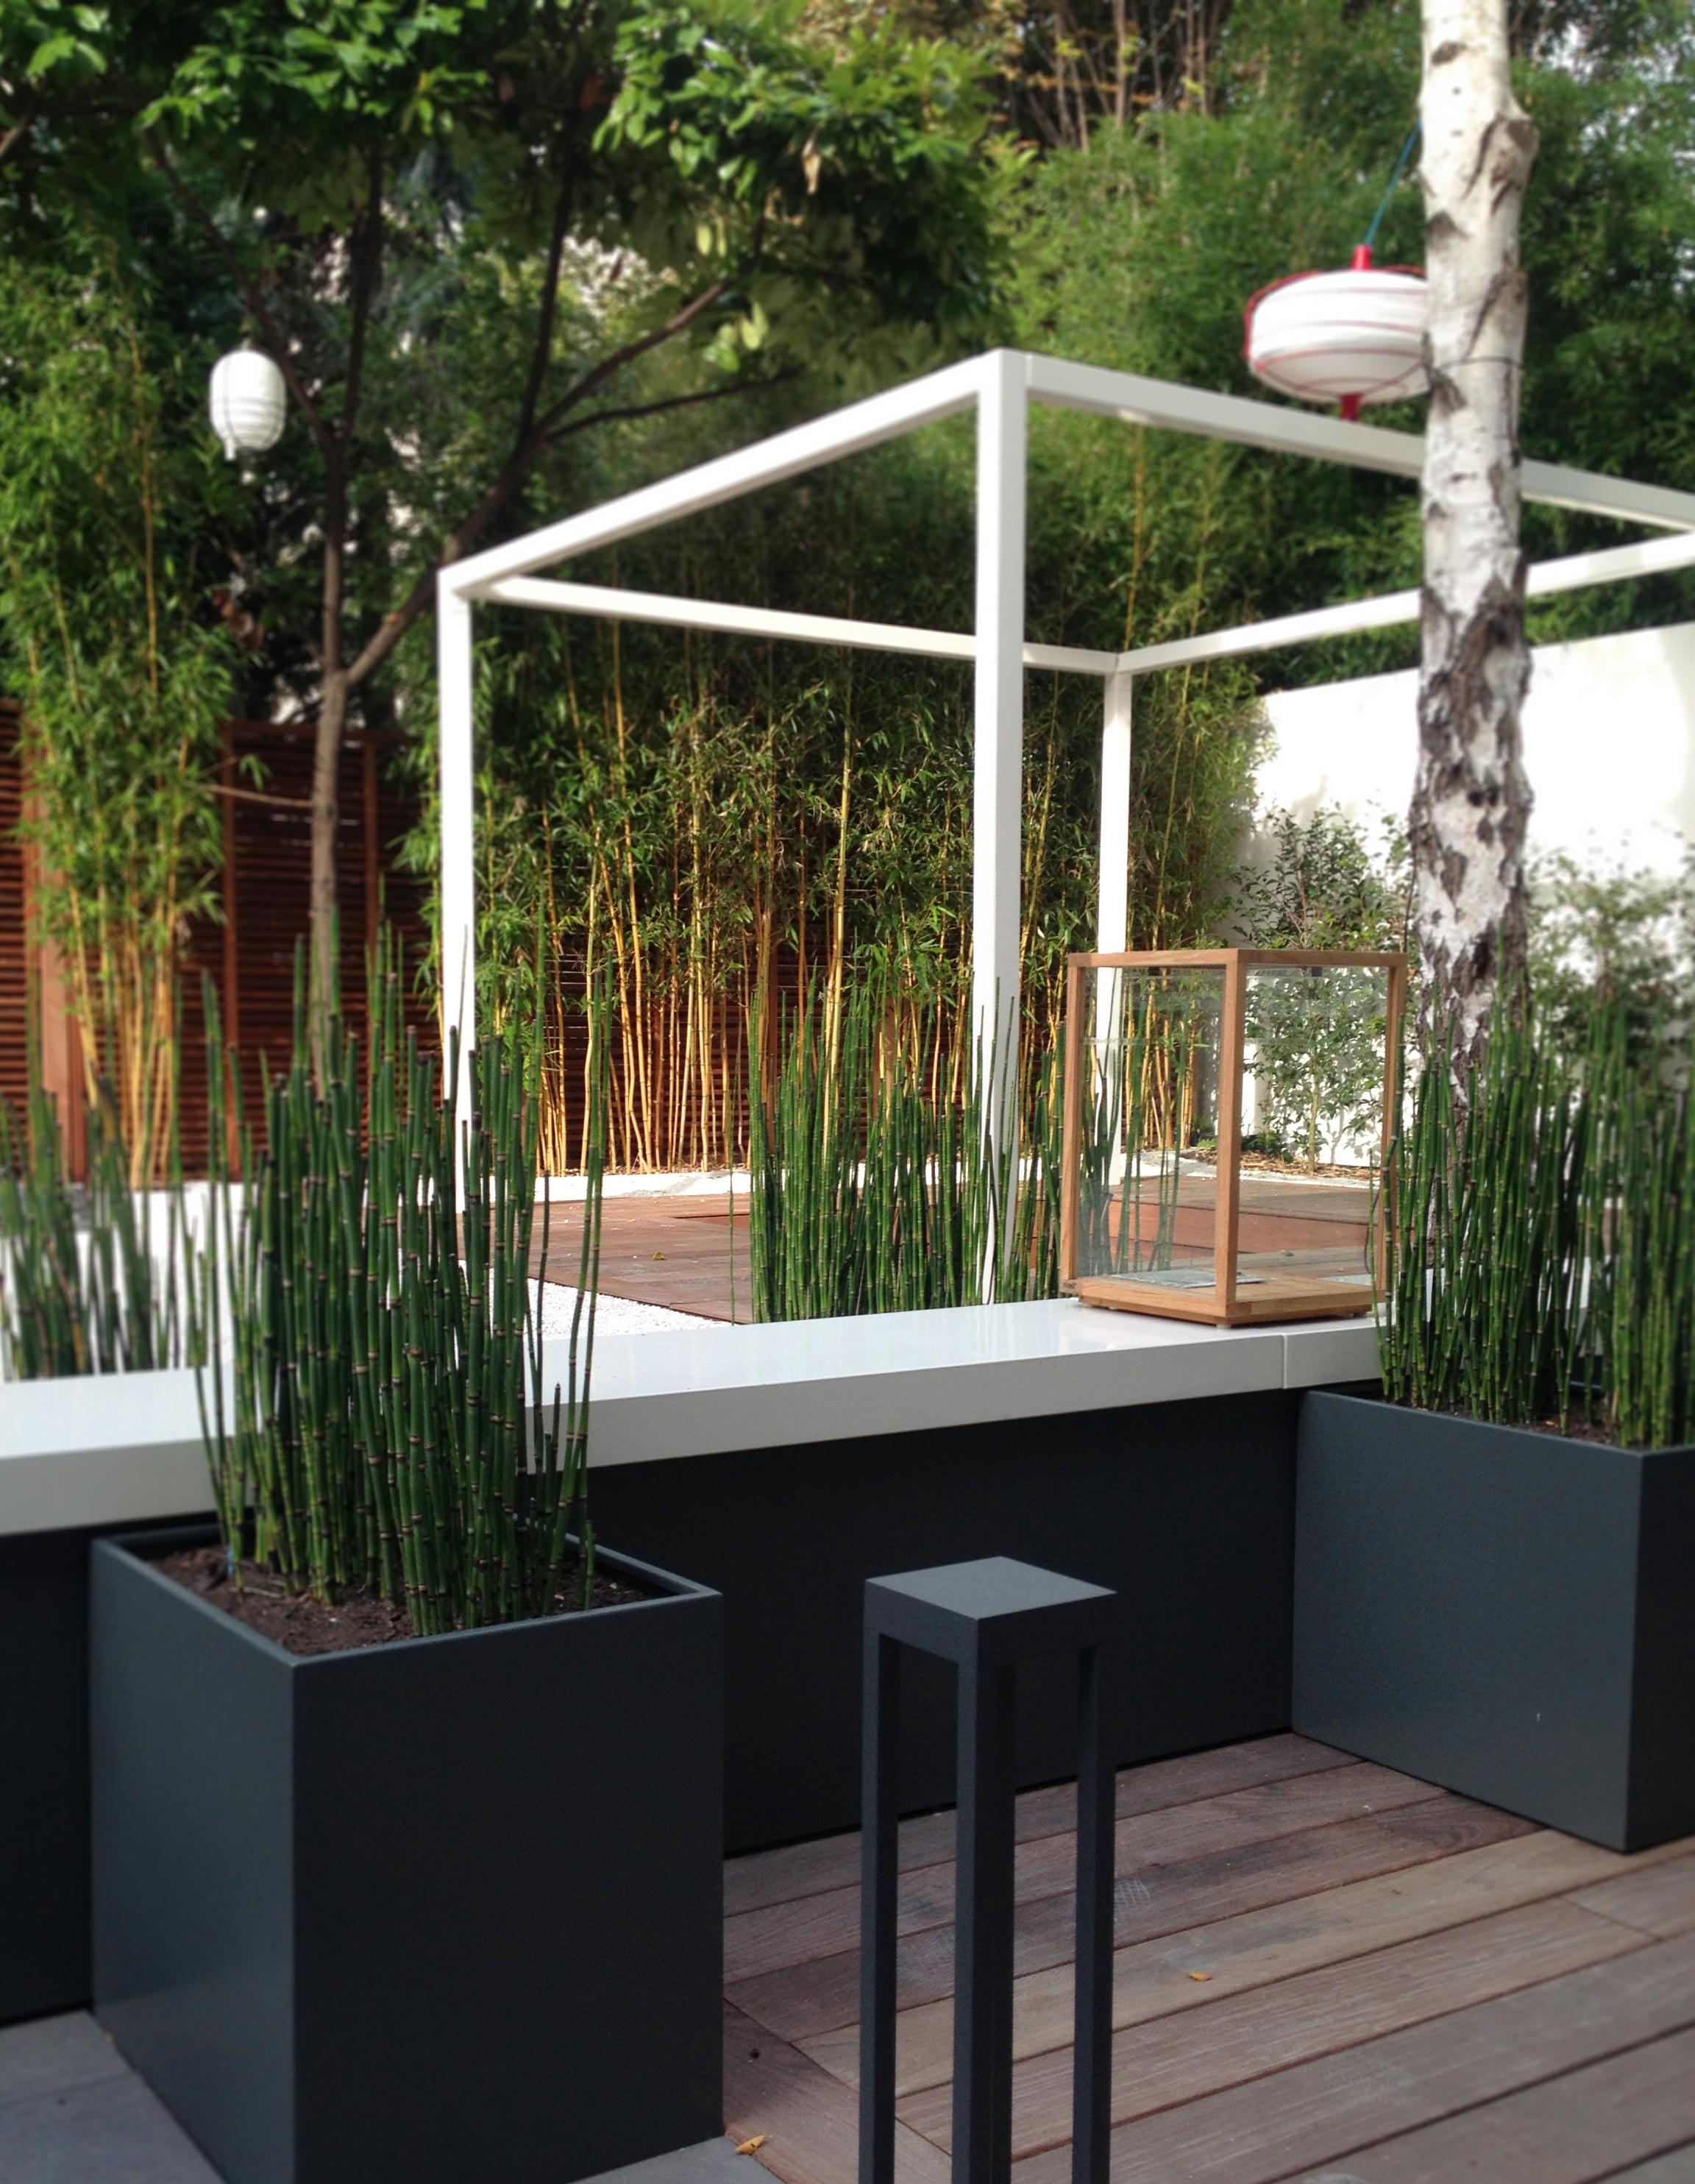 jardin_de_neuilly_paris_terrasses_jardins_outdoor_garden_christophe_gautrand_paysagiste_6.jpg